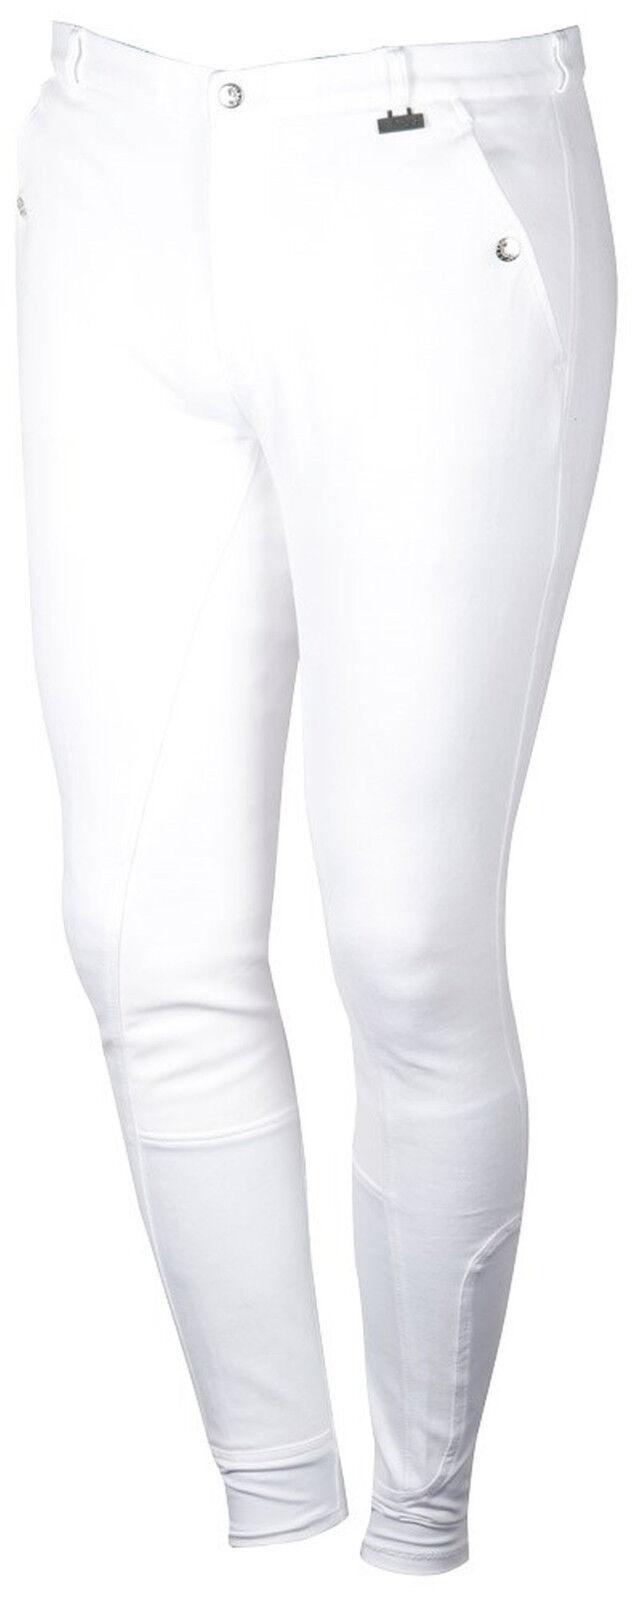 Harry's Horse Uomo Pantaloni Montala Beijing II Plus guarnizione in pieno NUOVO 6 dimensioni Bianco